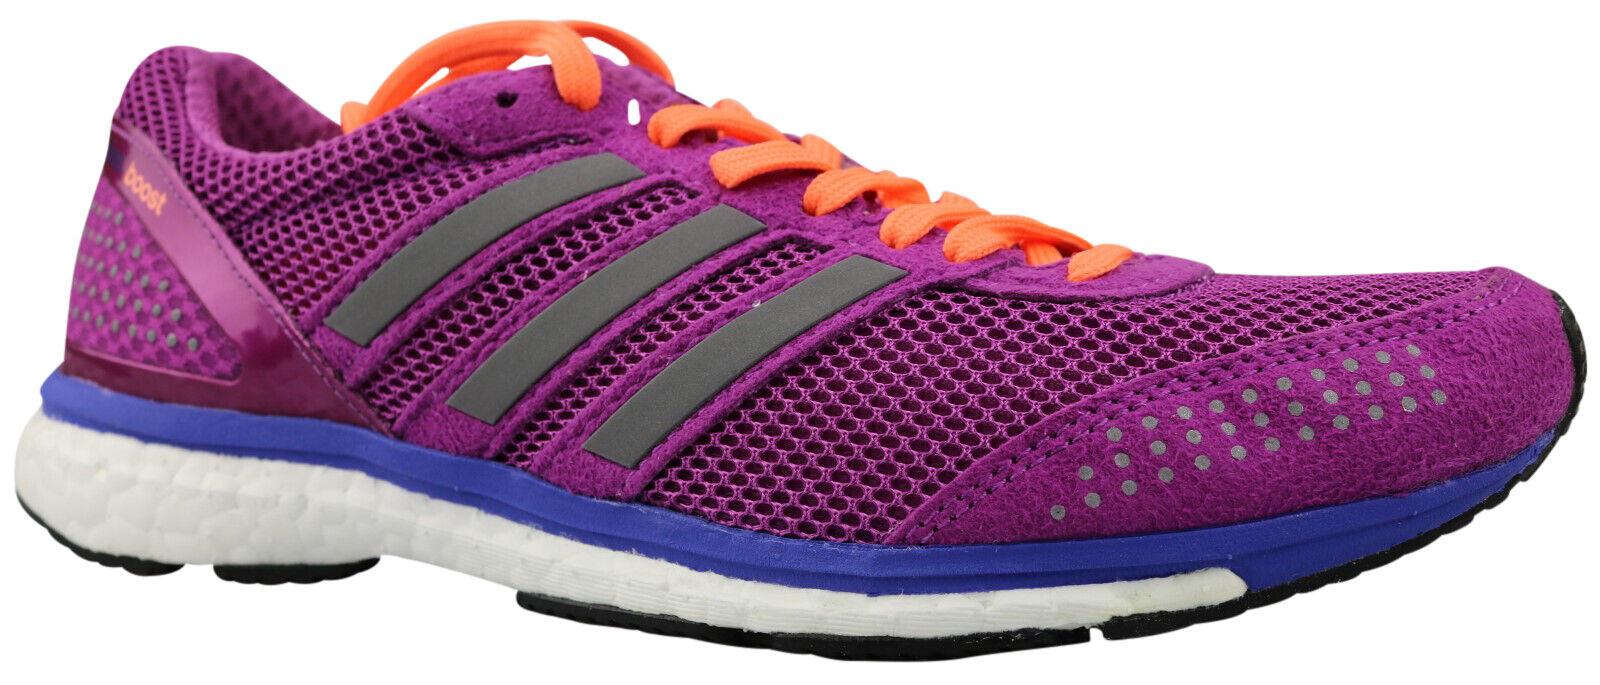 Adidas adizero  Adioooós Boost 2 W señora zapatillas cortos b41001 nuevo